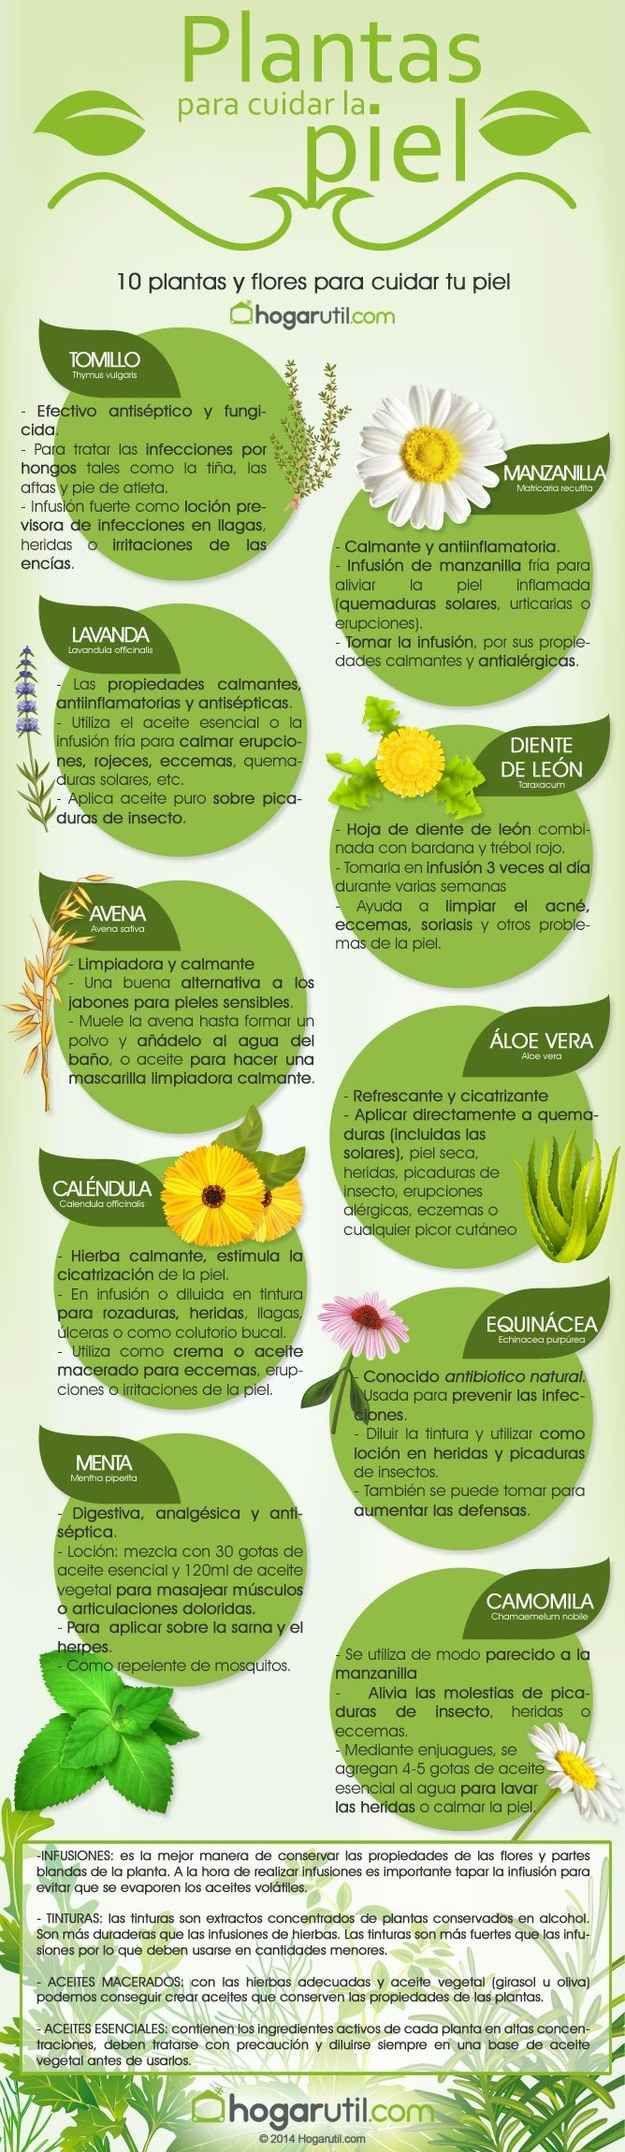 ¿Sabías que la equinácea es conocida como antibiótico natural?